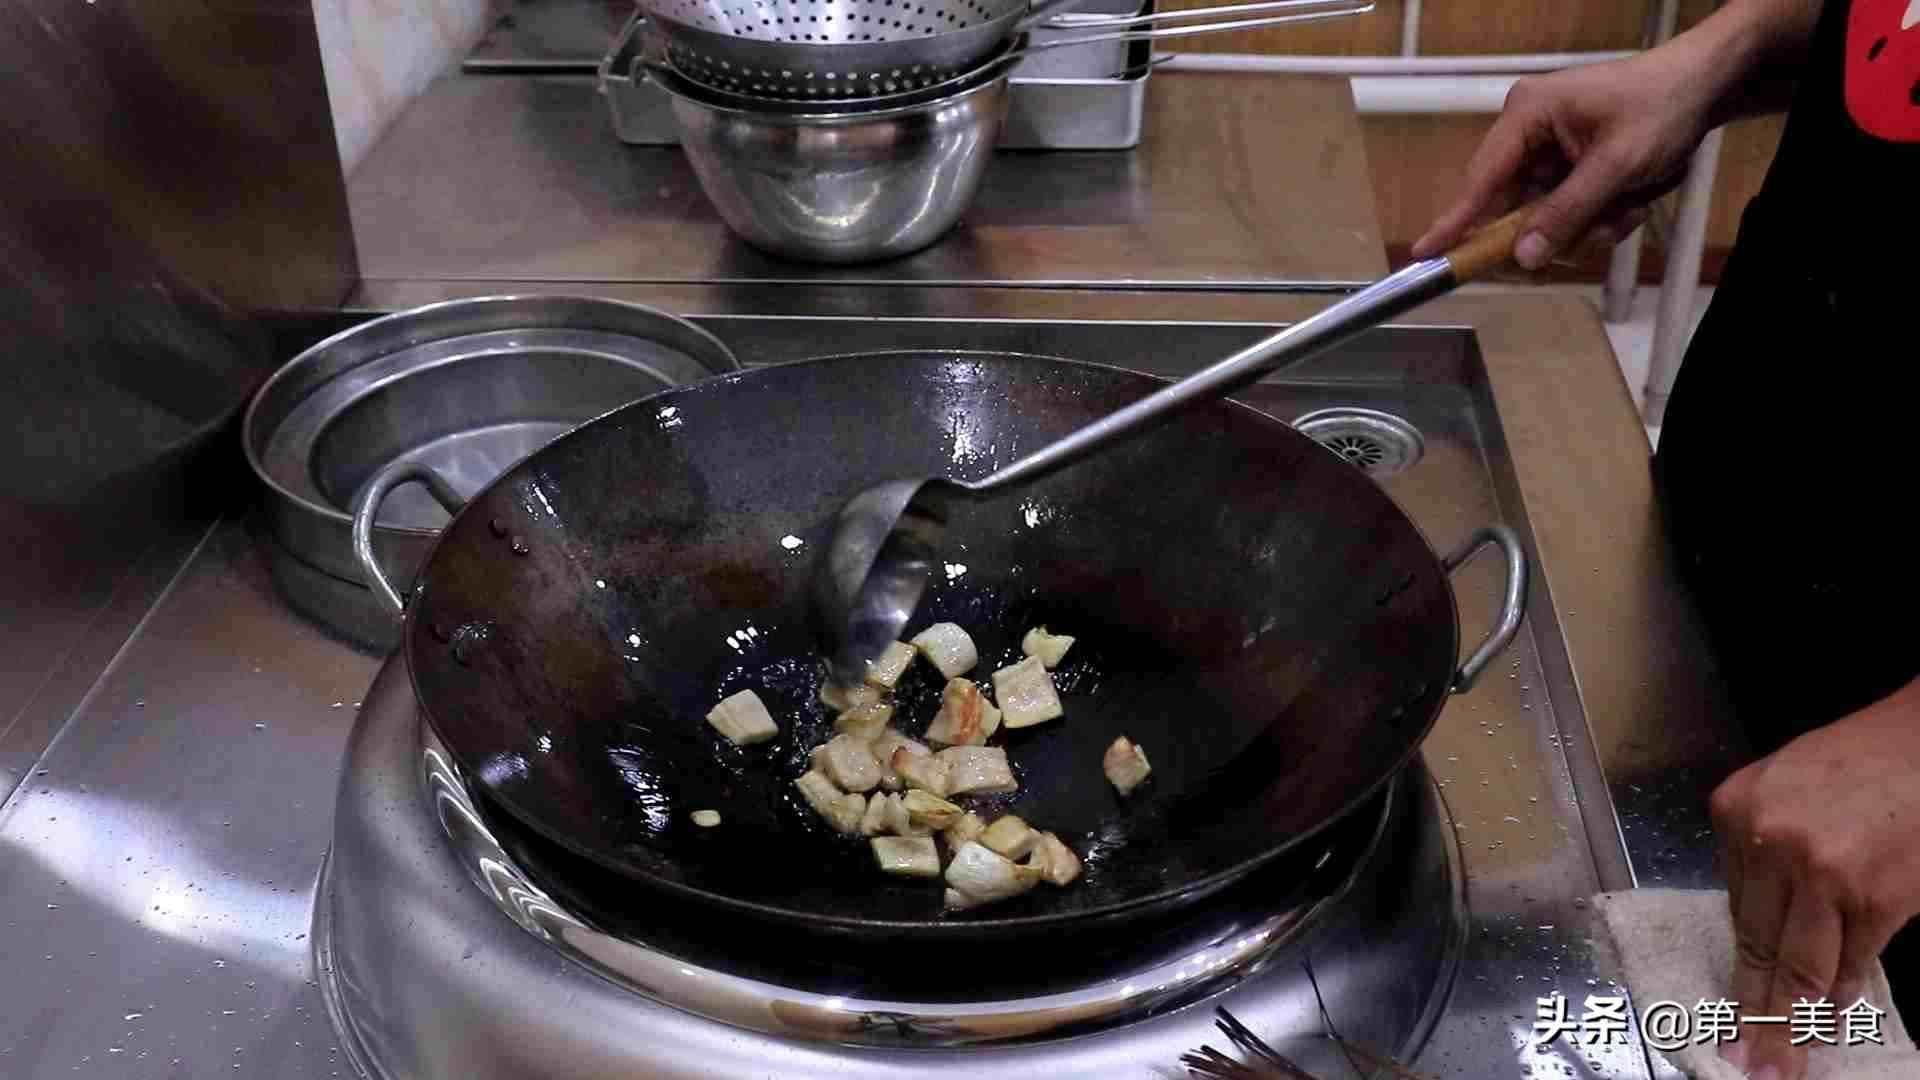 炸酱面怎么做更好吃?炸酱是关键,厨师长详细讲解酱汁熬制秘方